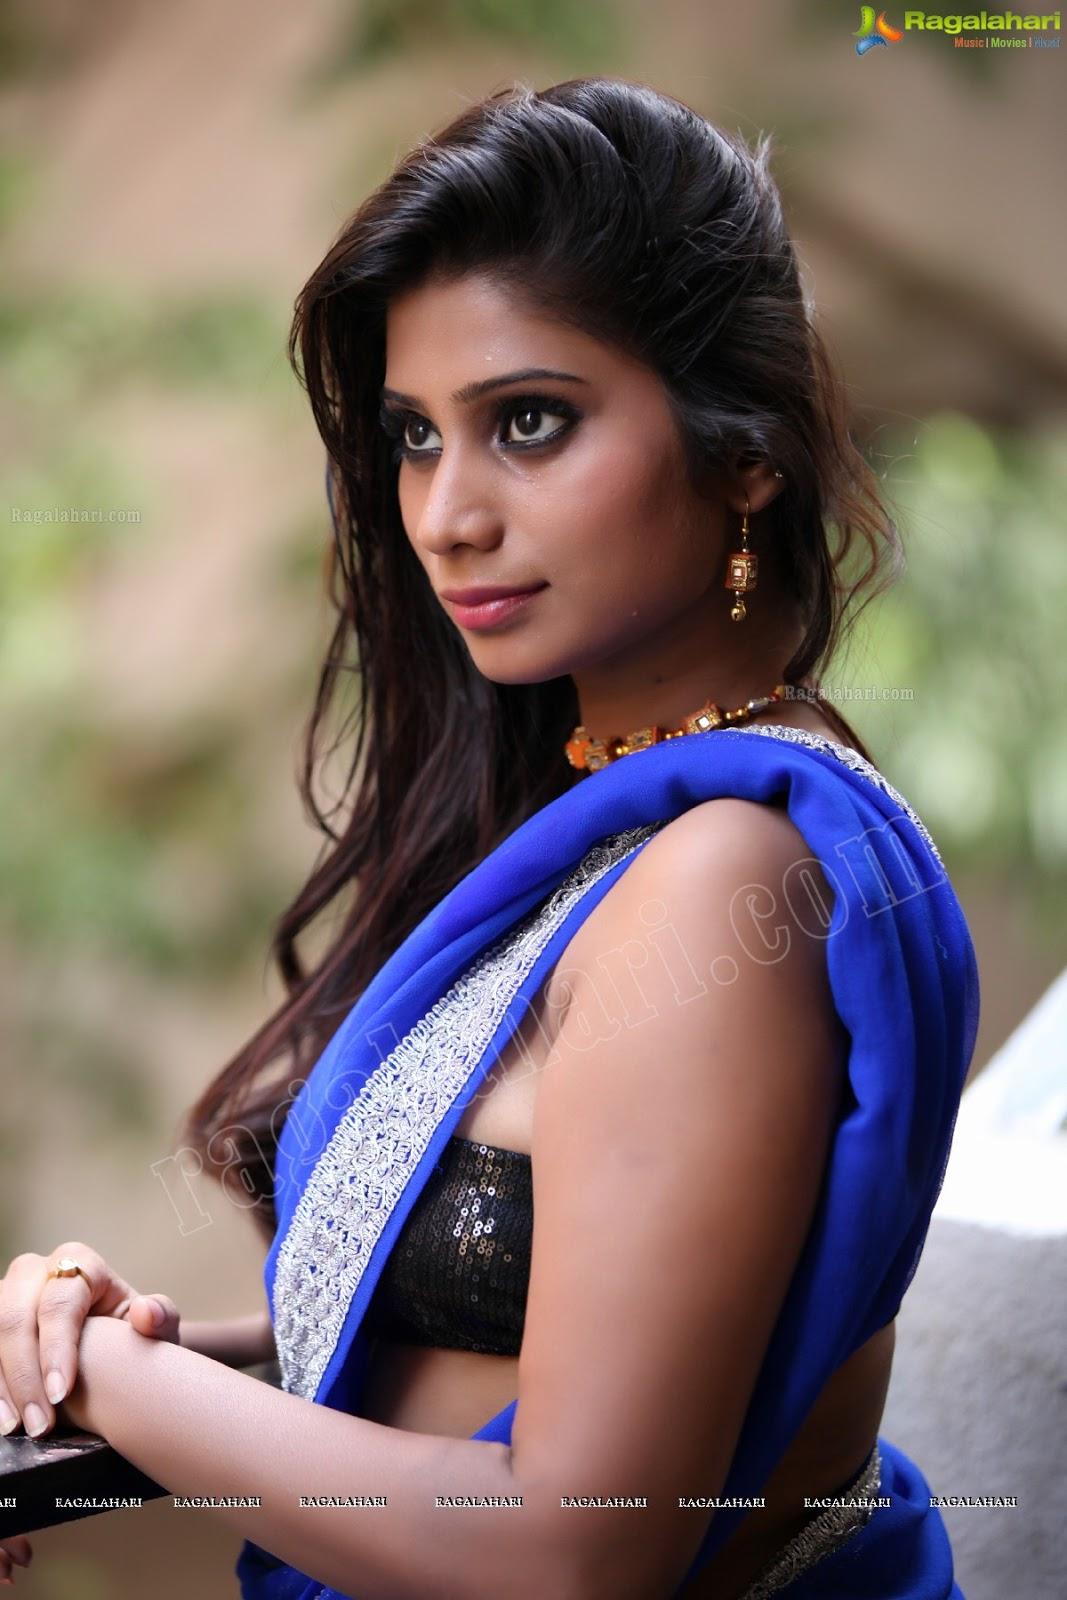 Top 100 Ful Girls Gujarat Beautiot Sexy Photos Free -2214